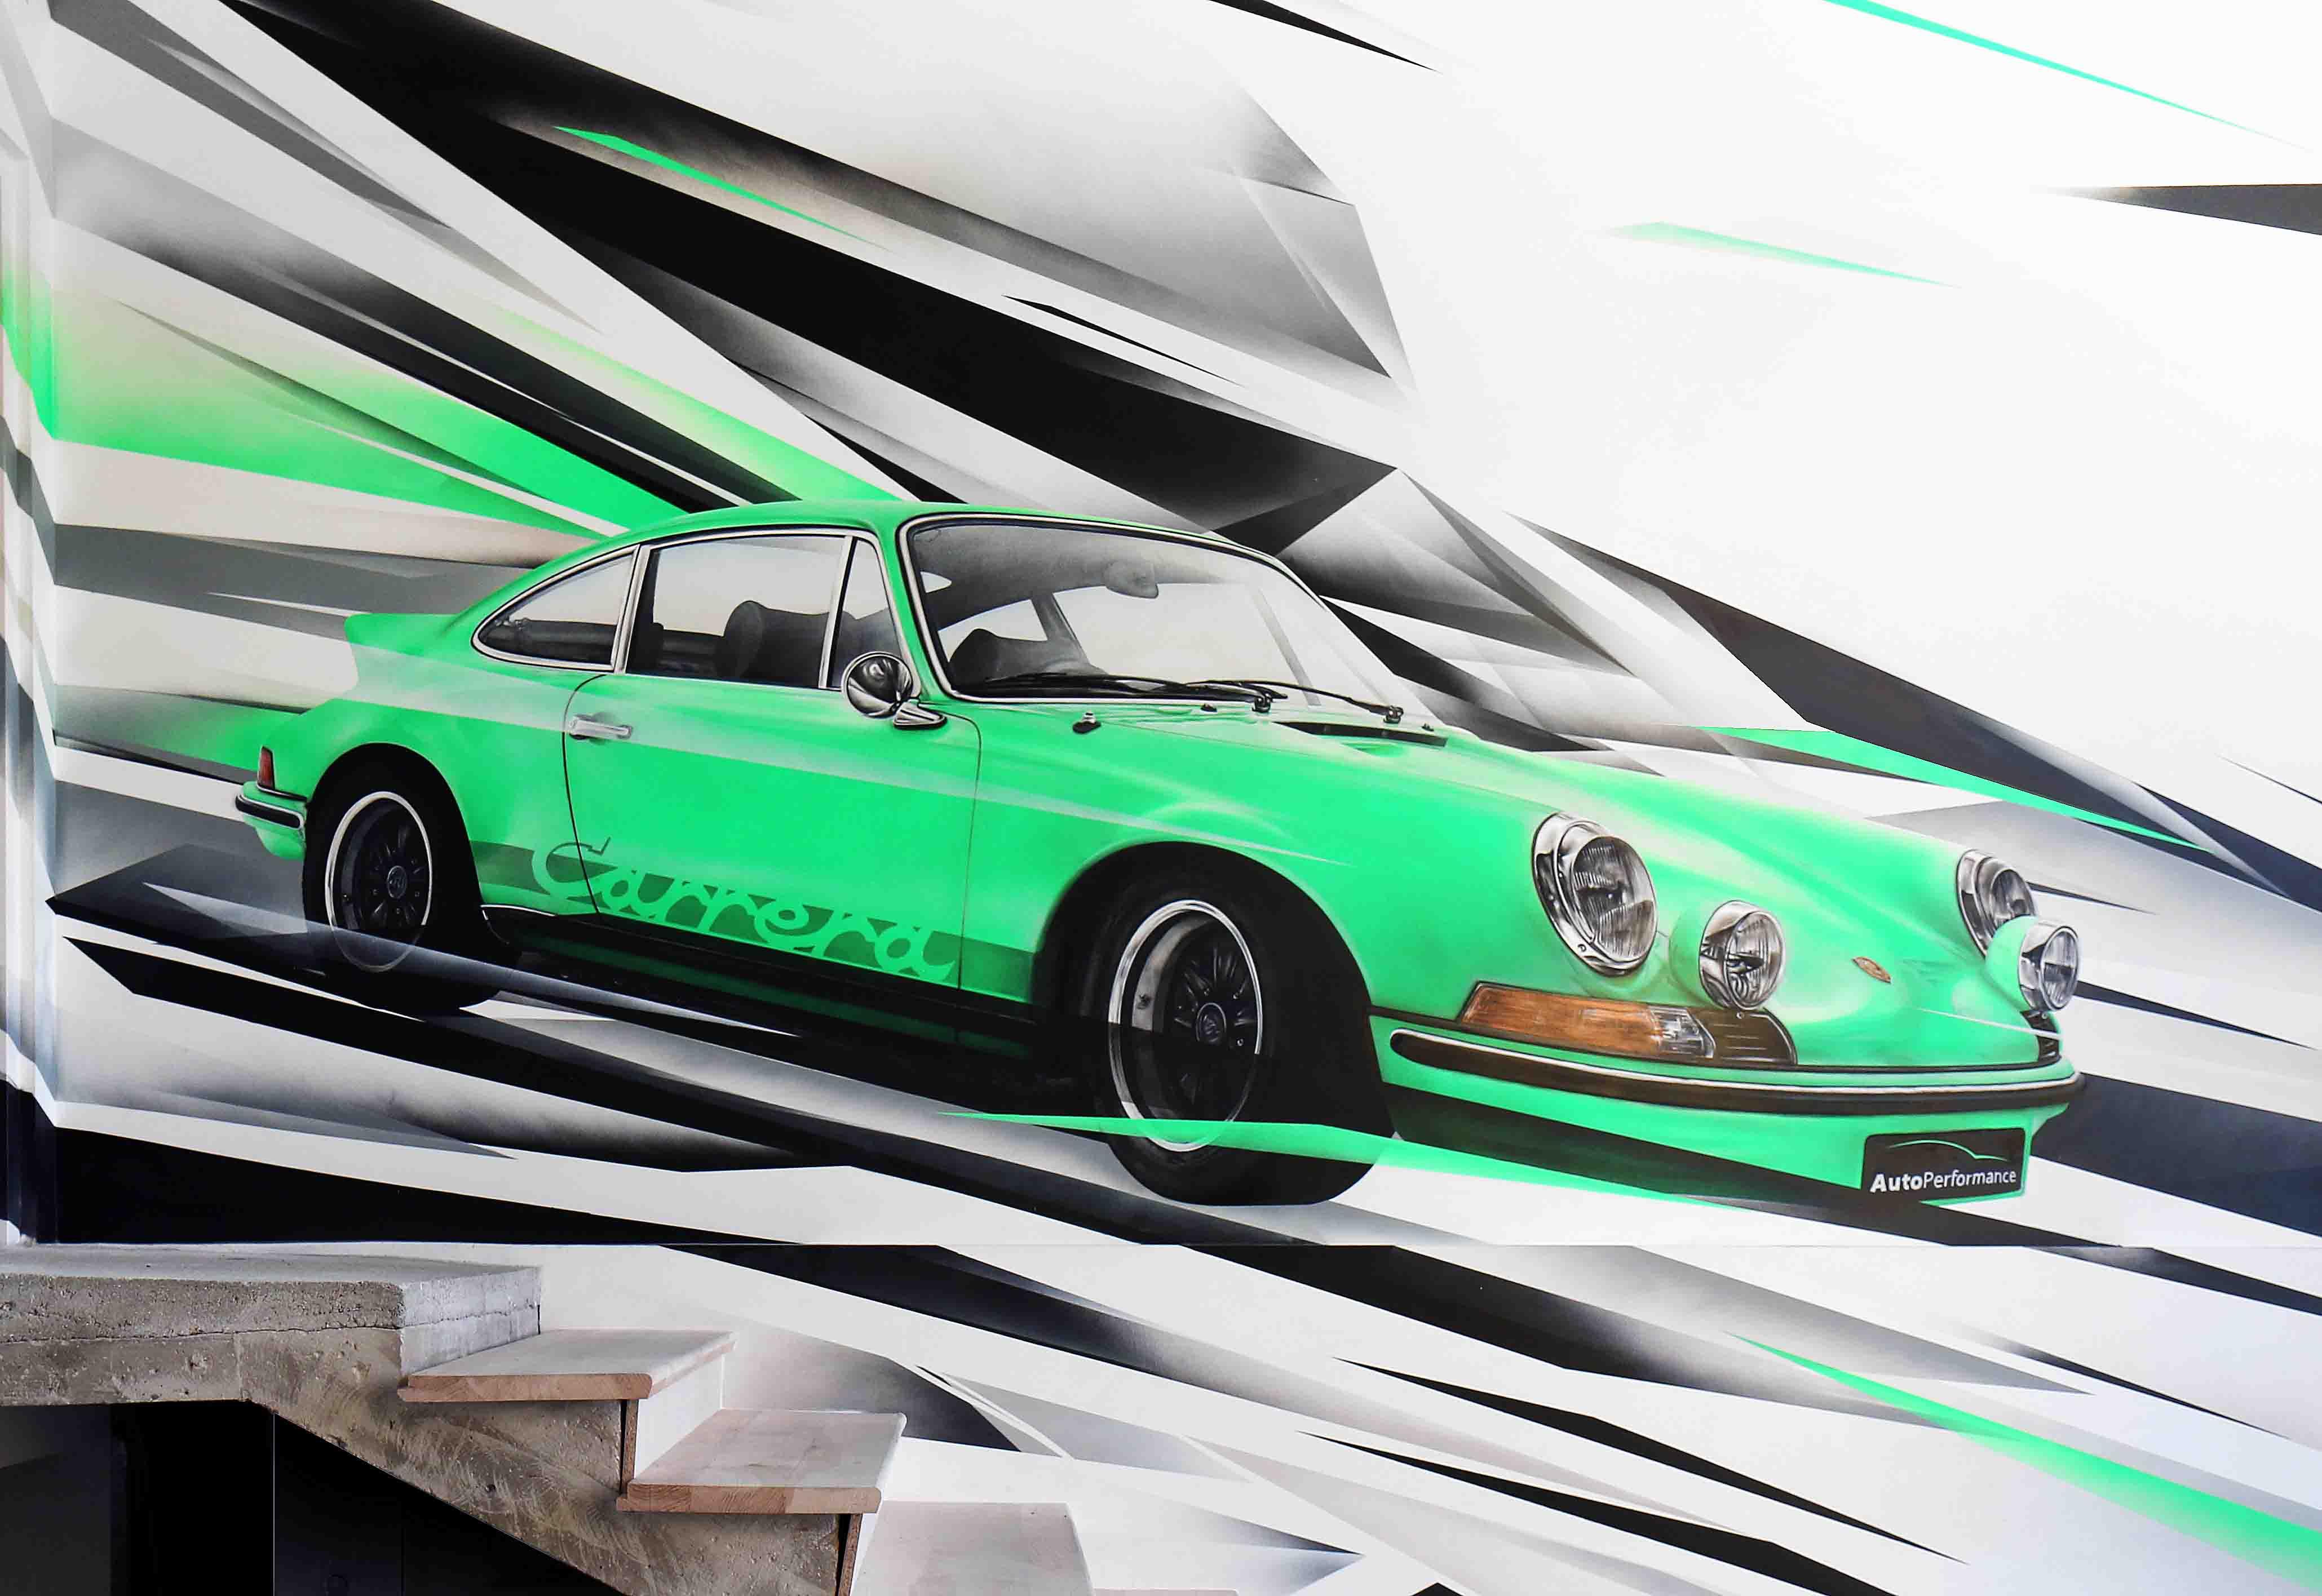 fresque porsche gt rs 2,7l carrera d'autoperformance 60 à compiègne réalisée par frederic michel langlet fresque sur mesure